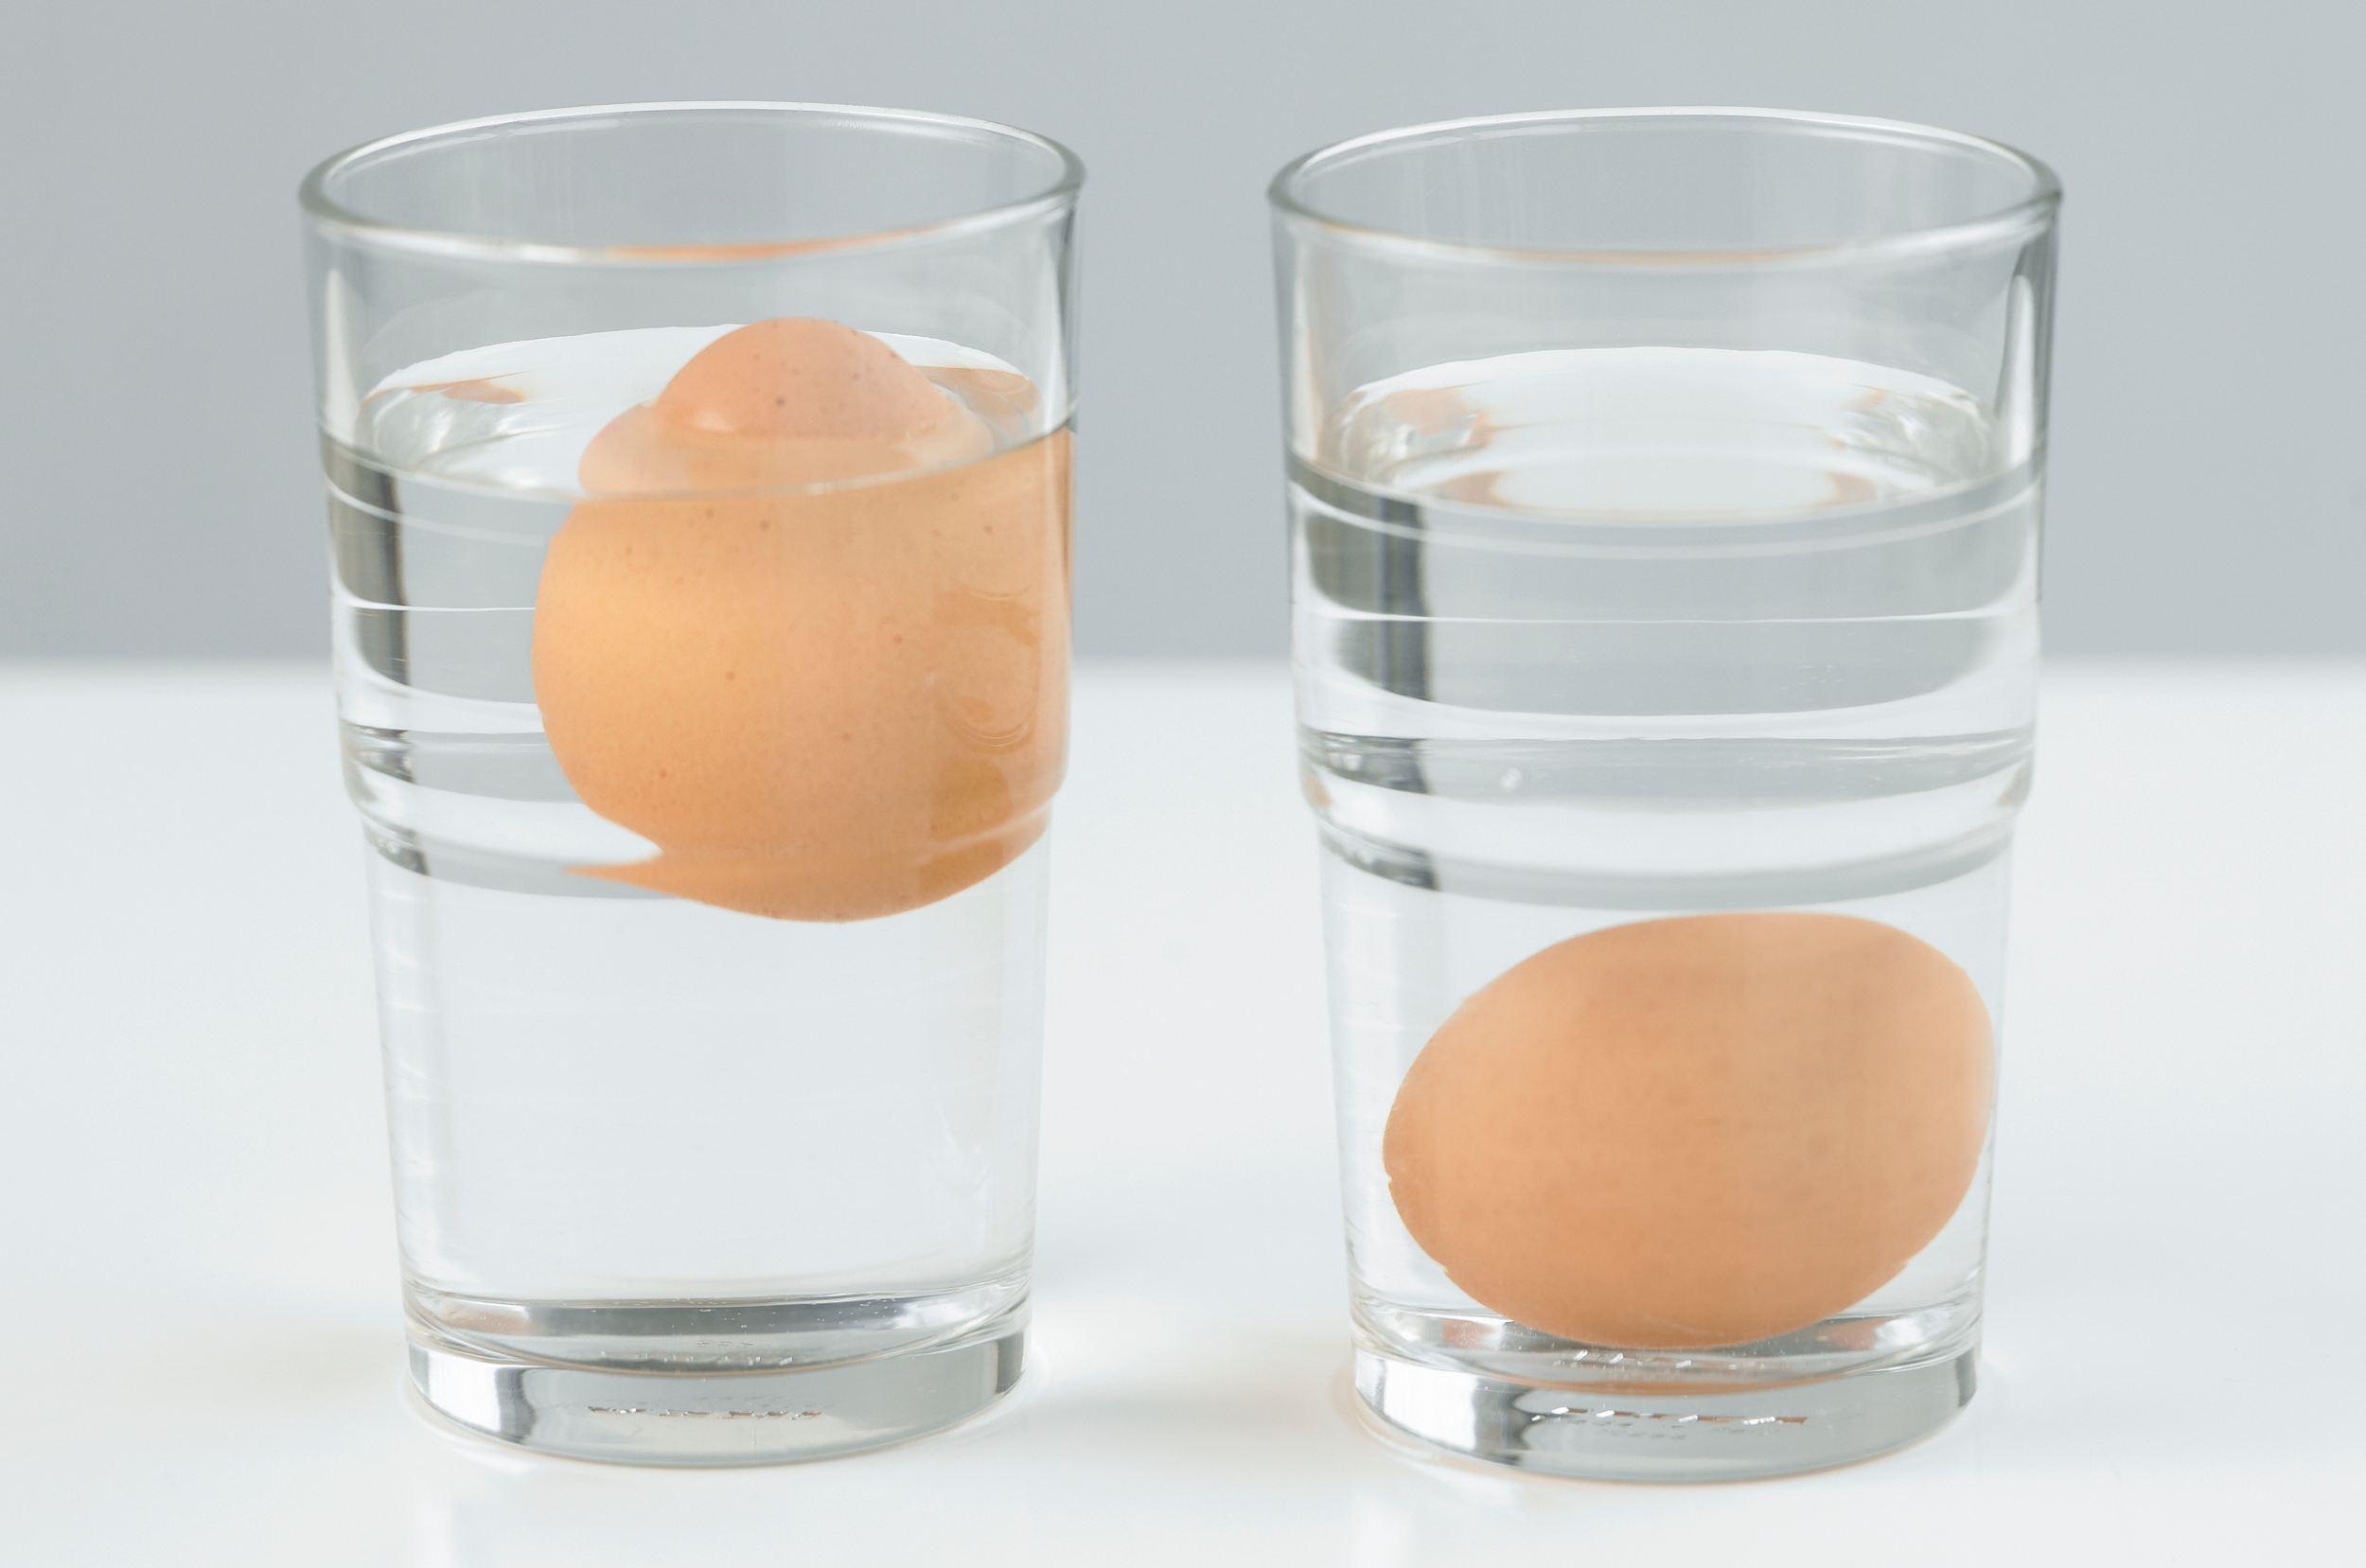 Testing eggs for freshness